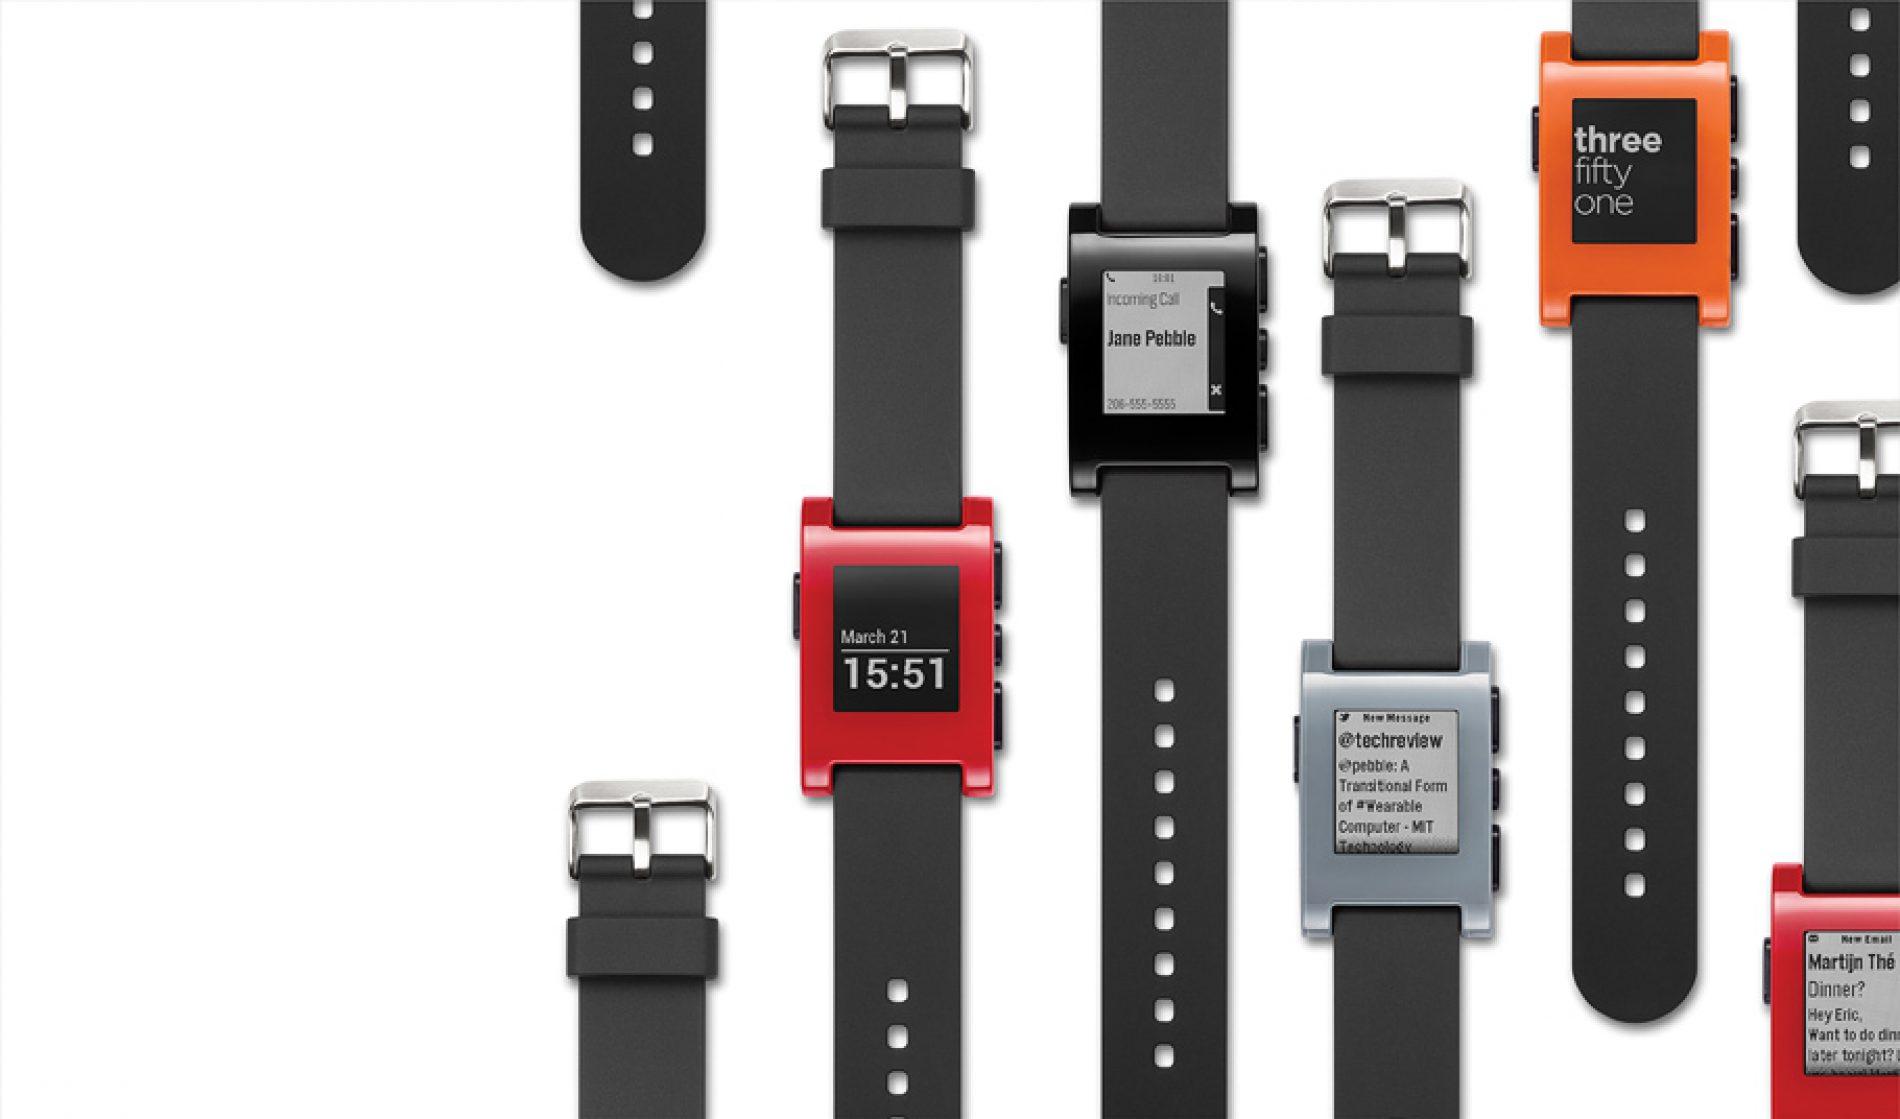 Nuevo nicho de mercado: Relojes inteligentes